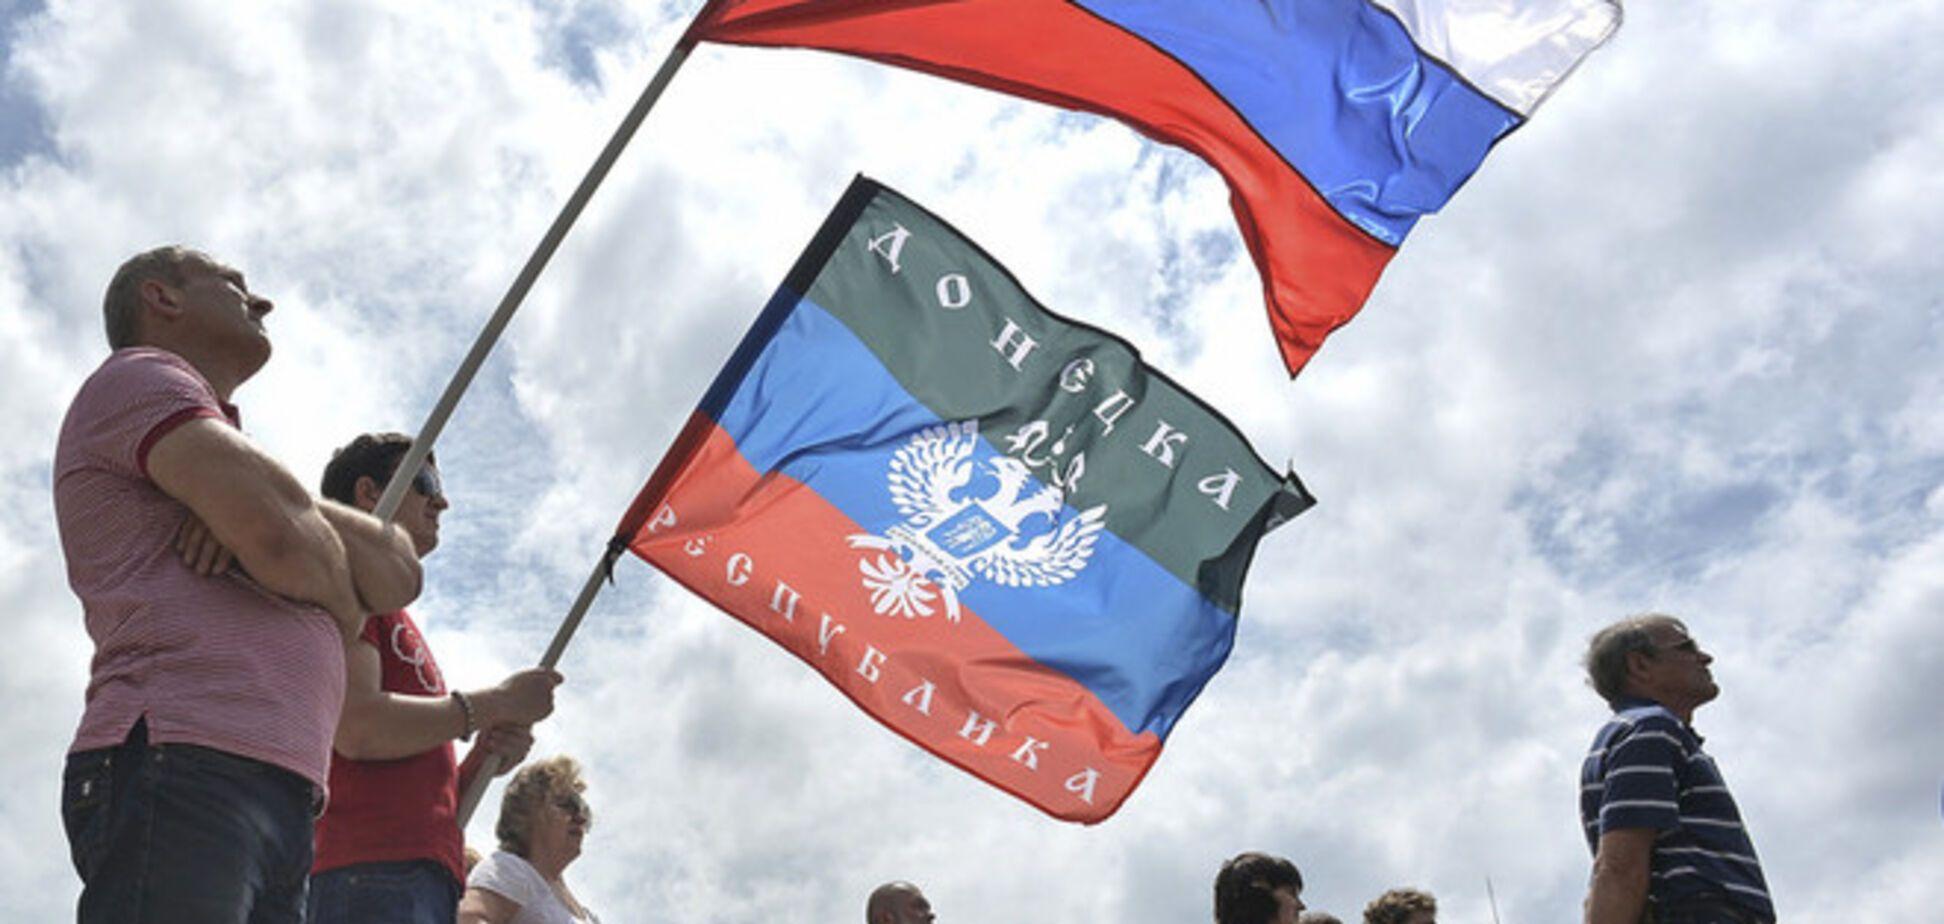 СМИ: из-за террористов прекращен выпуск газет 'Донбасс' и 'Вечерний Донецк'